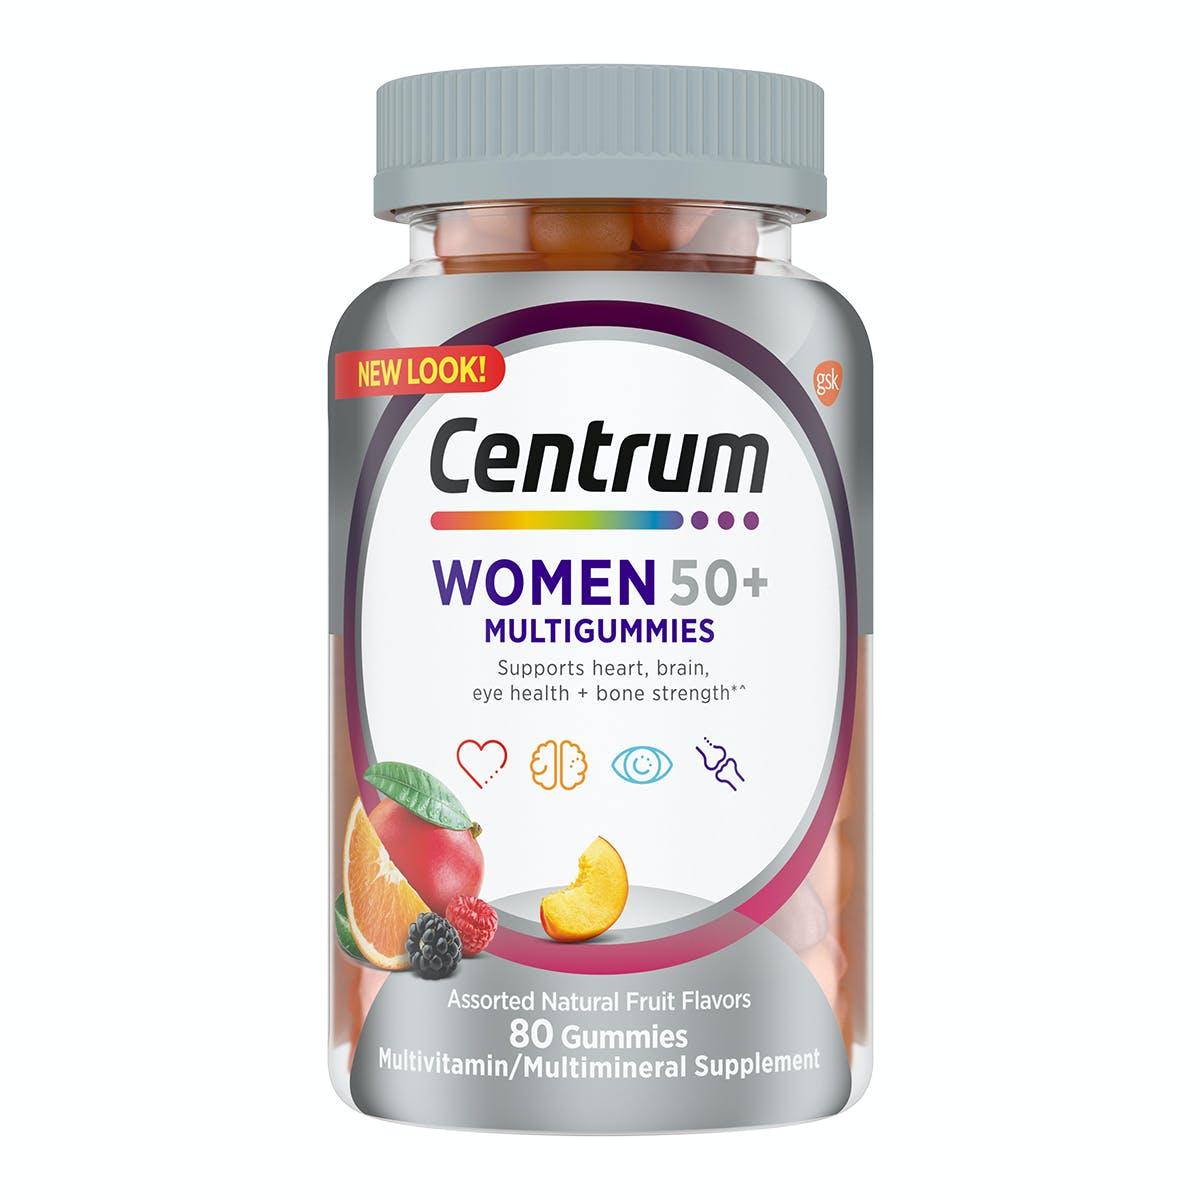 Bottle of Centrum MultiGummies Women 50plus